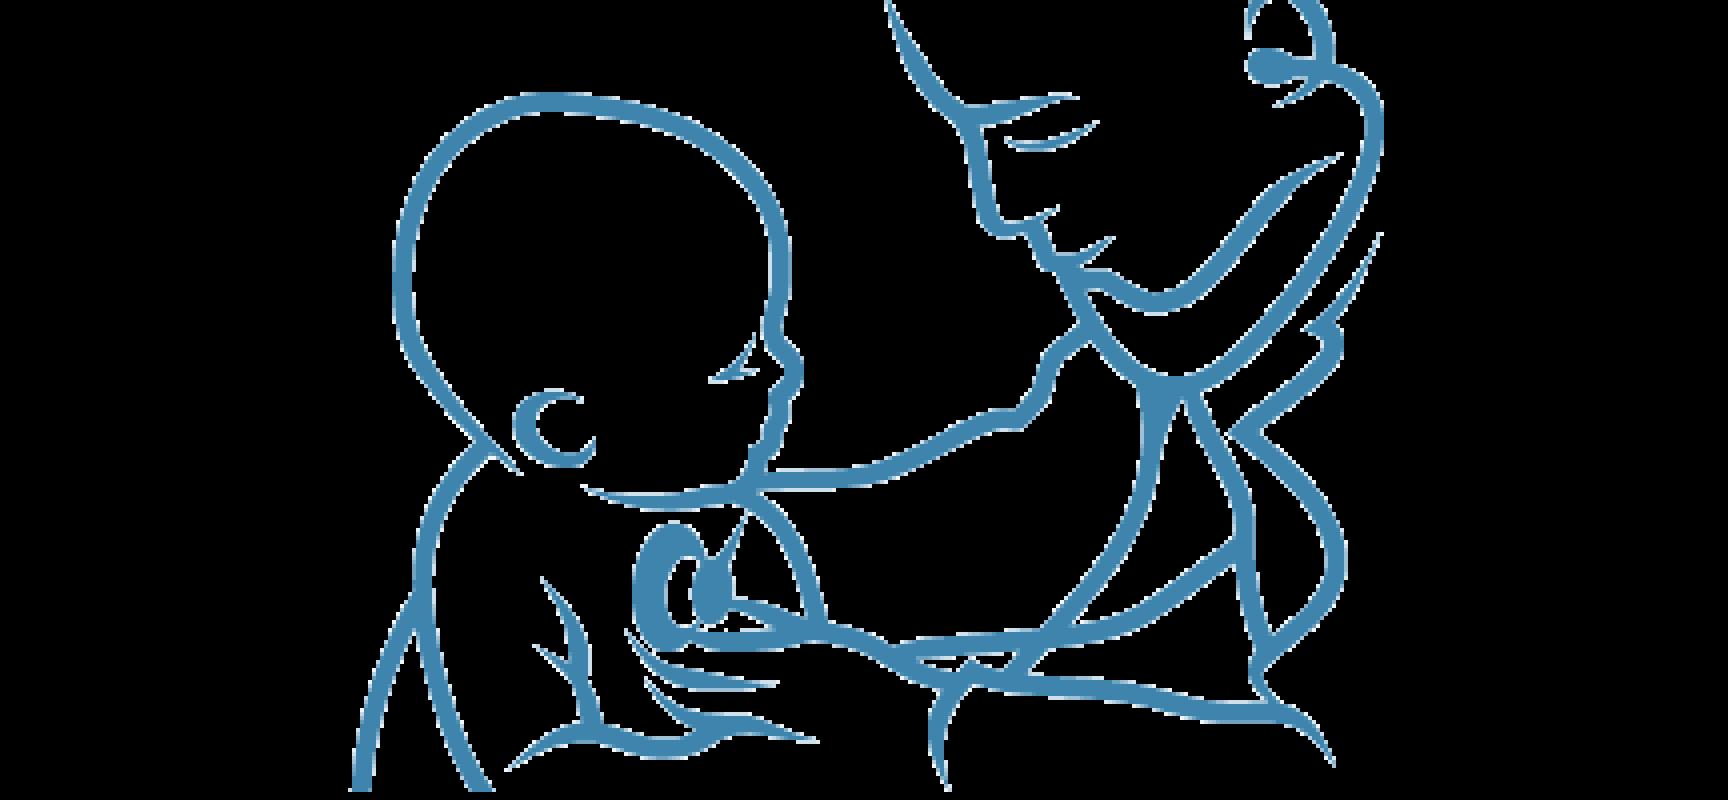 ΑΝΑΚΟΙΝΩΣΗ ΠΡΟΣΛΗΨΗΣ  ΠΡΟΣΩΠΙΚΟΥ (ΠΑΙΔΙΑΤΡΟΥ) ΜΕ ΣΥΜΒΑΣΗ ΜΙΣΘΩΣΗΣ ΕΡΓΟΥ